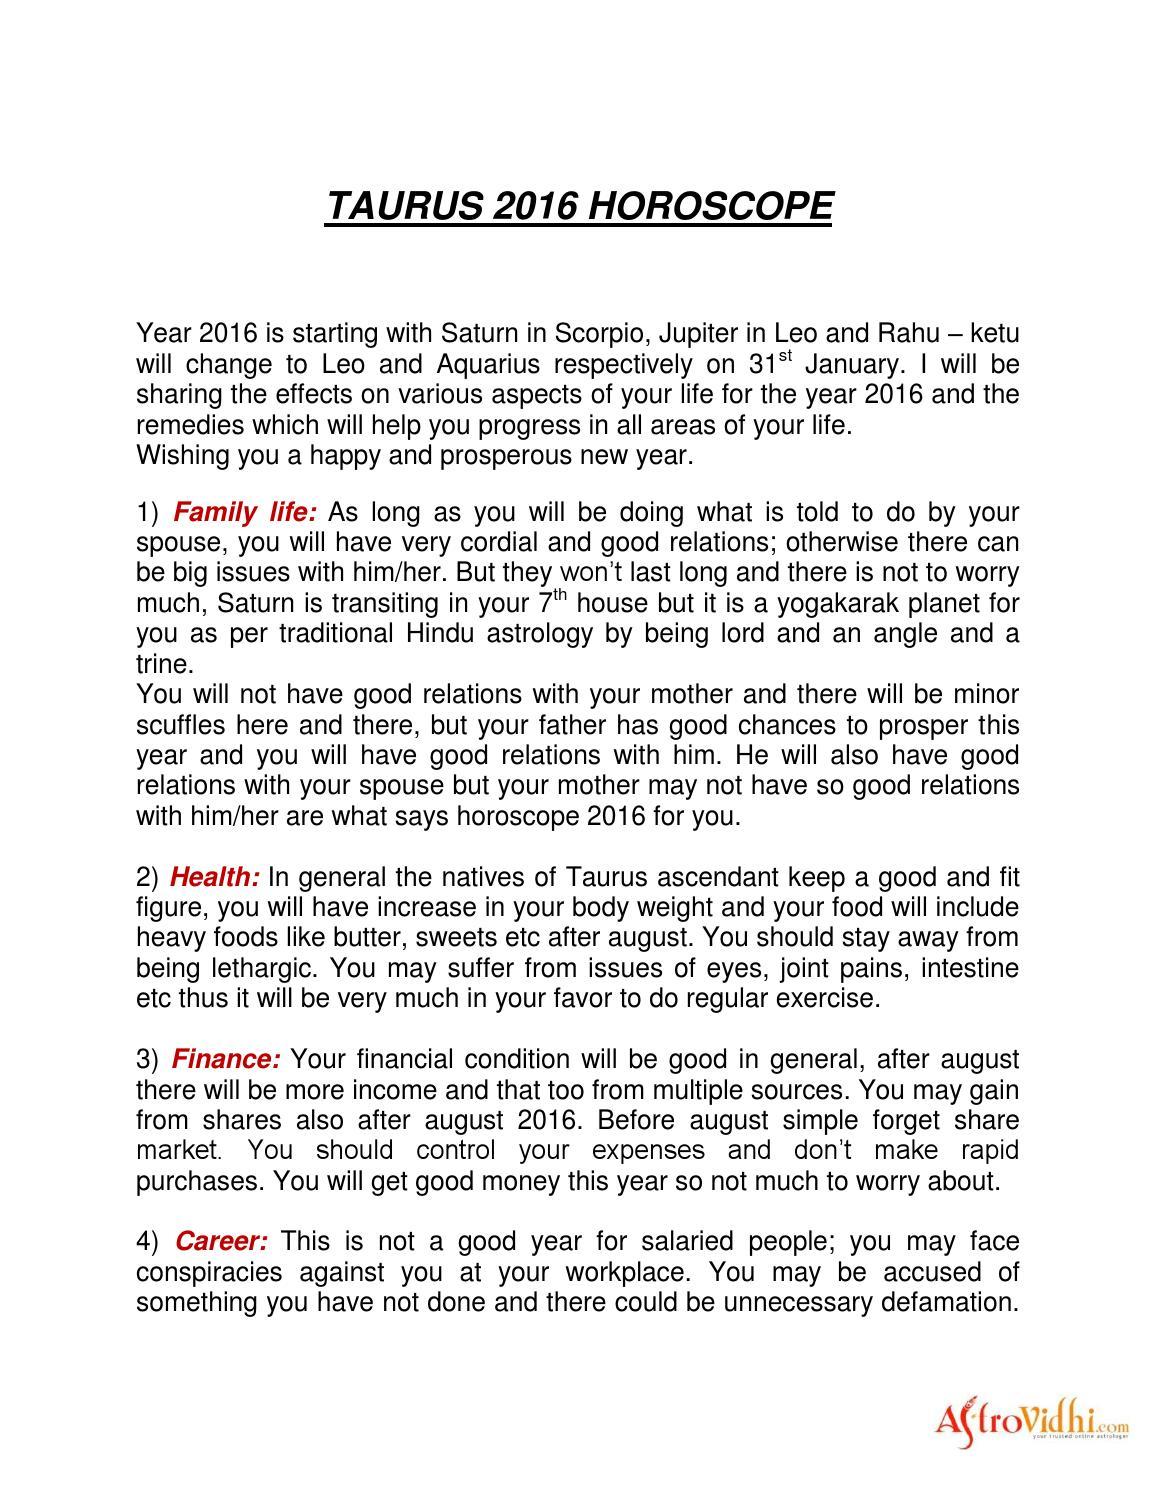 Taurus 2016 Horoscope by Astrovidhi - issuu